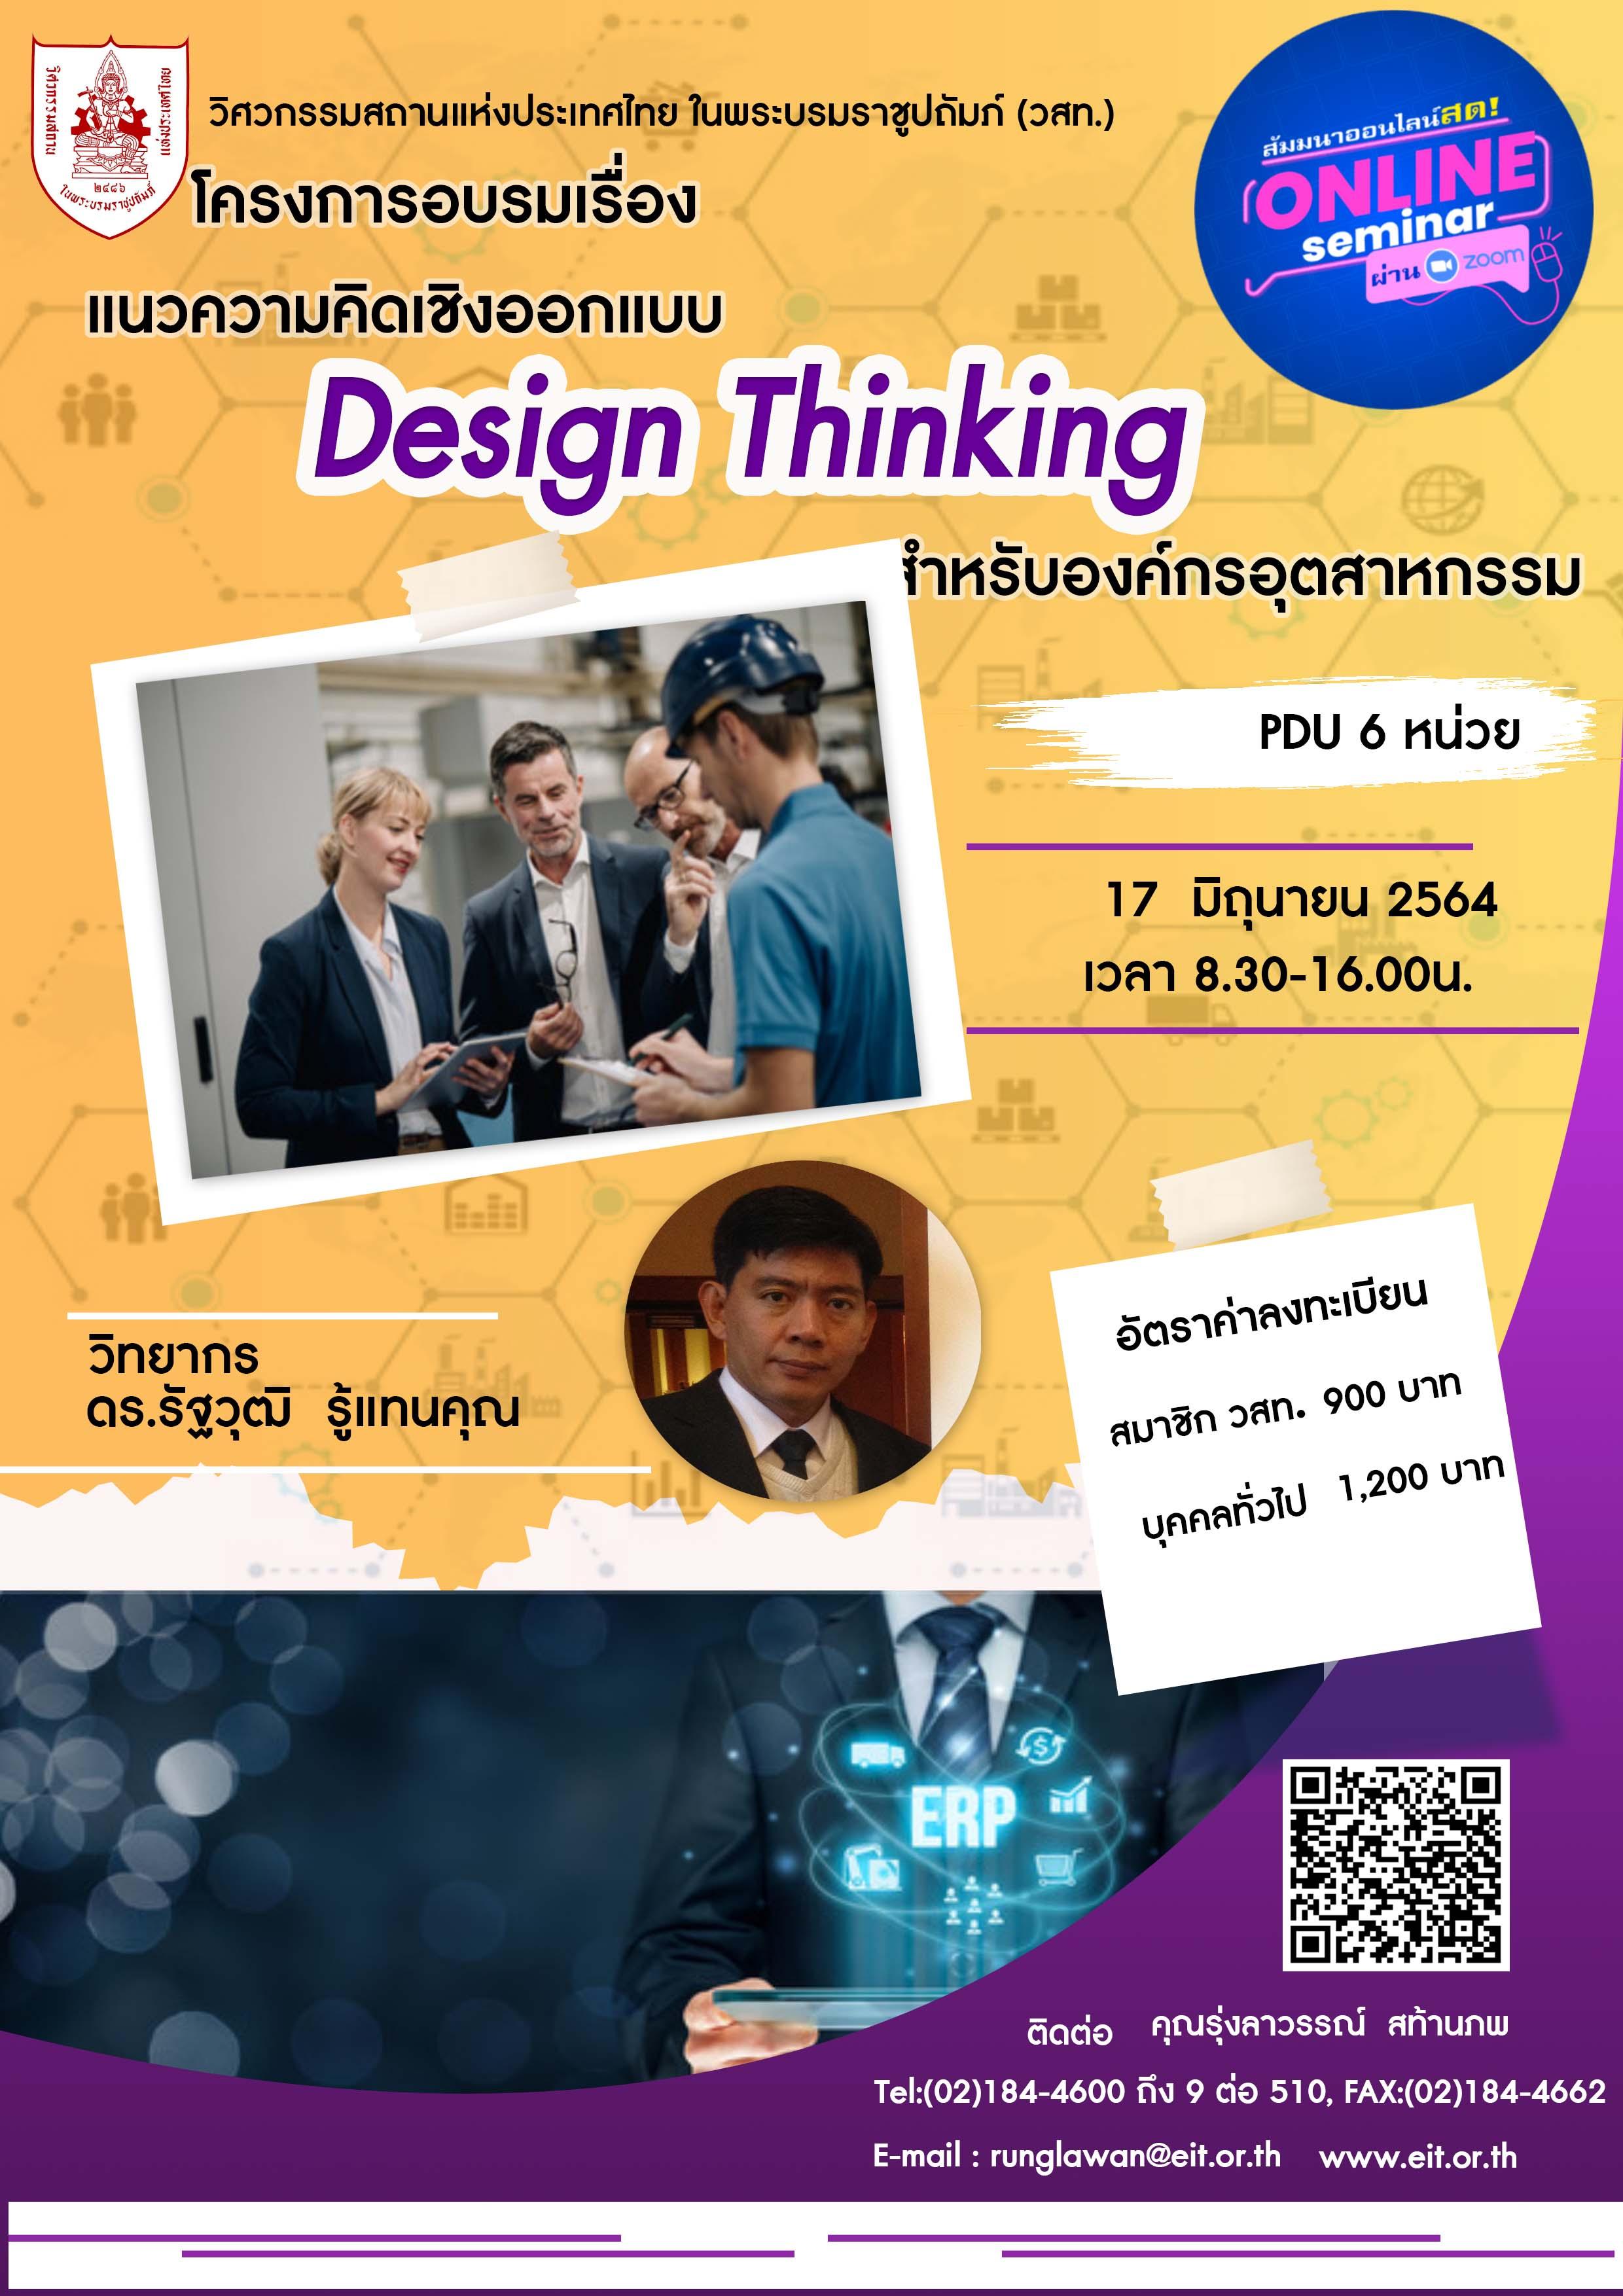 เลื่อนไม่มีกำหนด 17/06/2564 อบรมออนไลน์  แนวความคิดเชิงออกแบบ Design Thinking สำหรับองค์กรอุตสาหกรรม ( ใช้โปรแกรม Zoom)